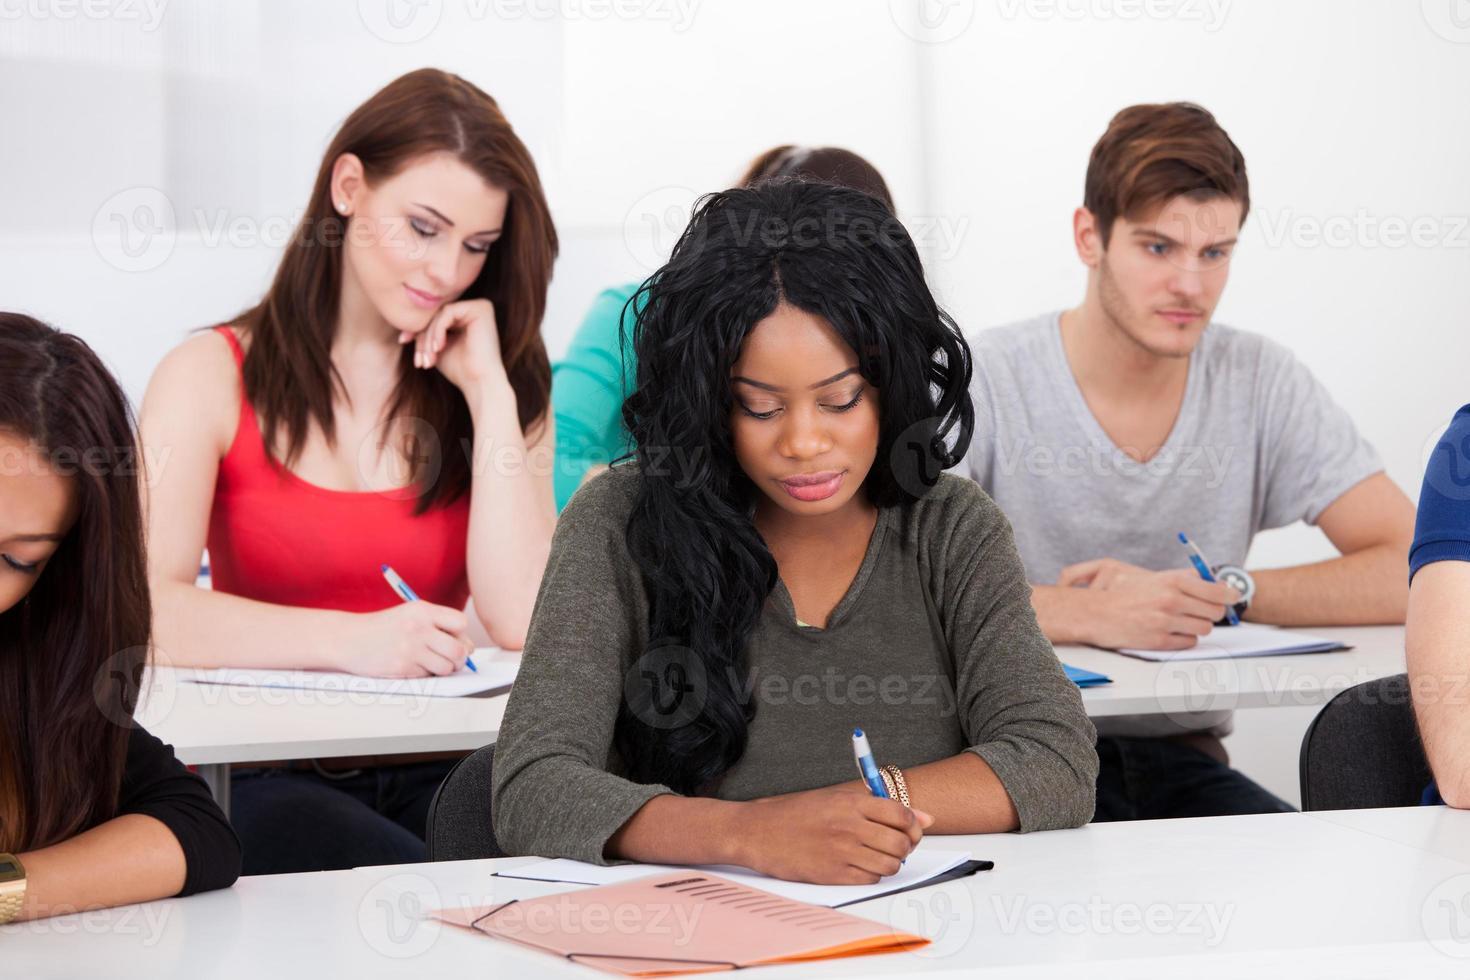 étudiants du Collège écrit au bureau photo